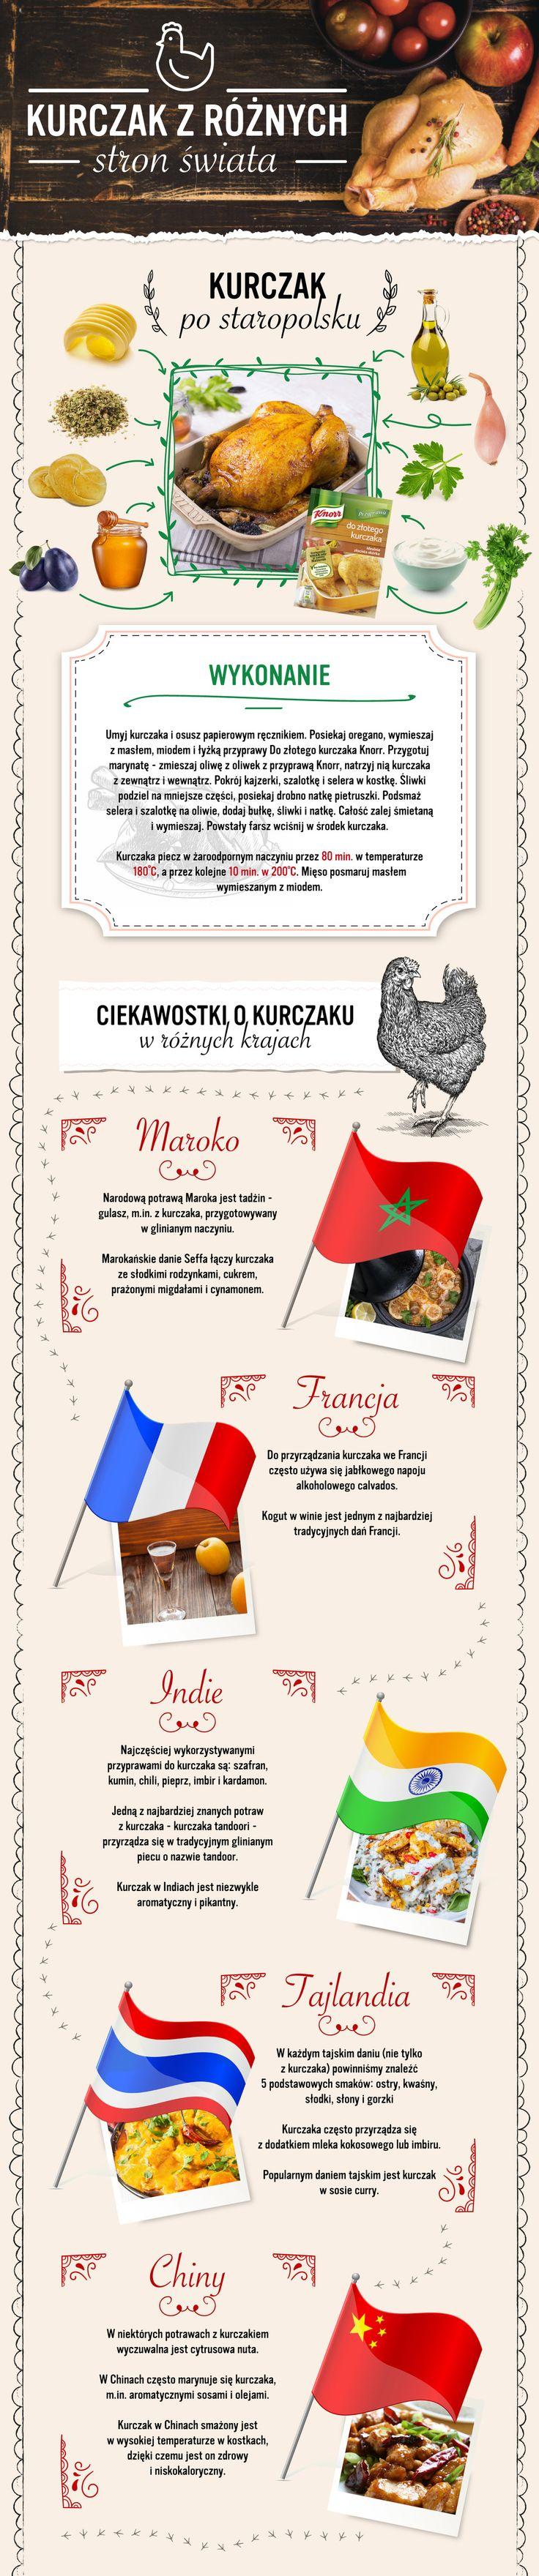 Kurczak z różnych stron świata  #infographic #chicken #kurczak